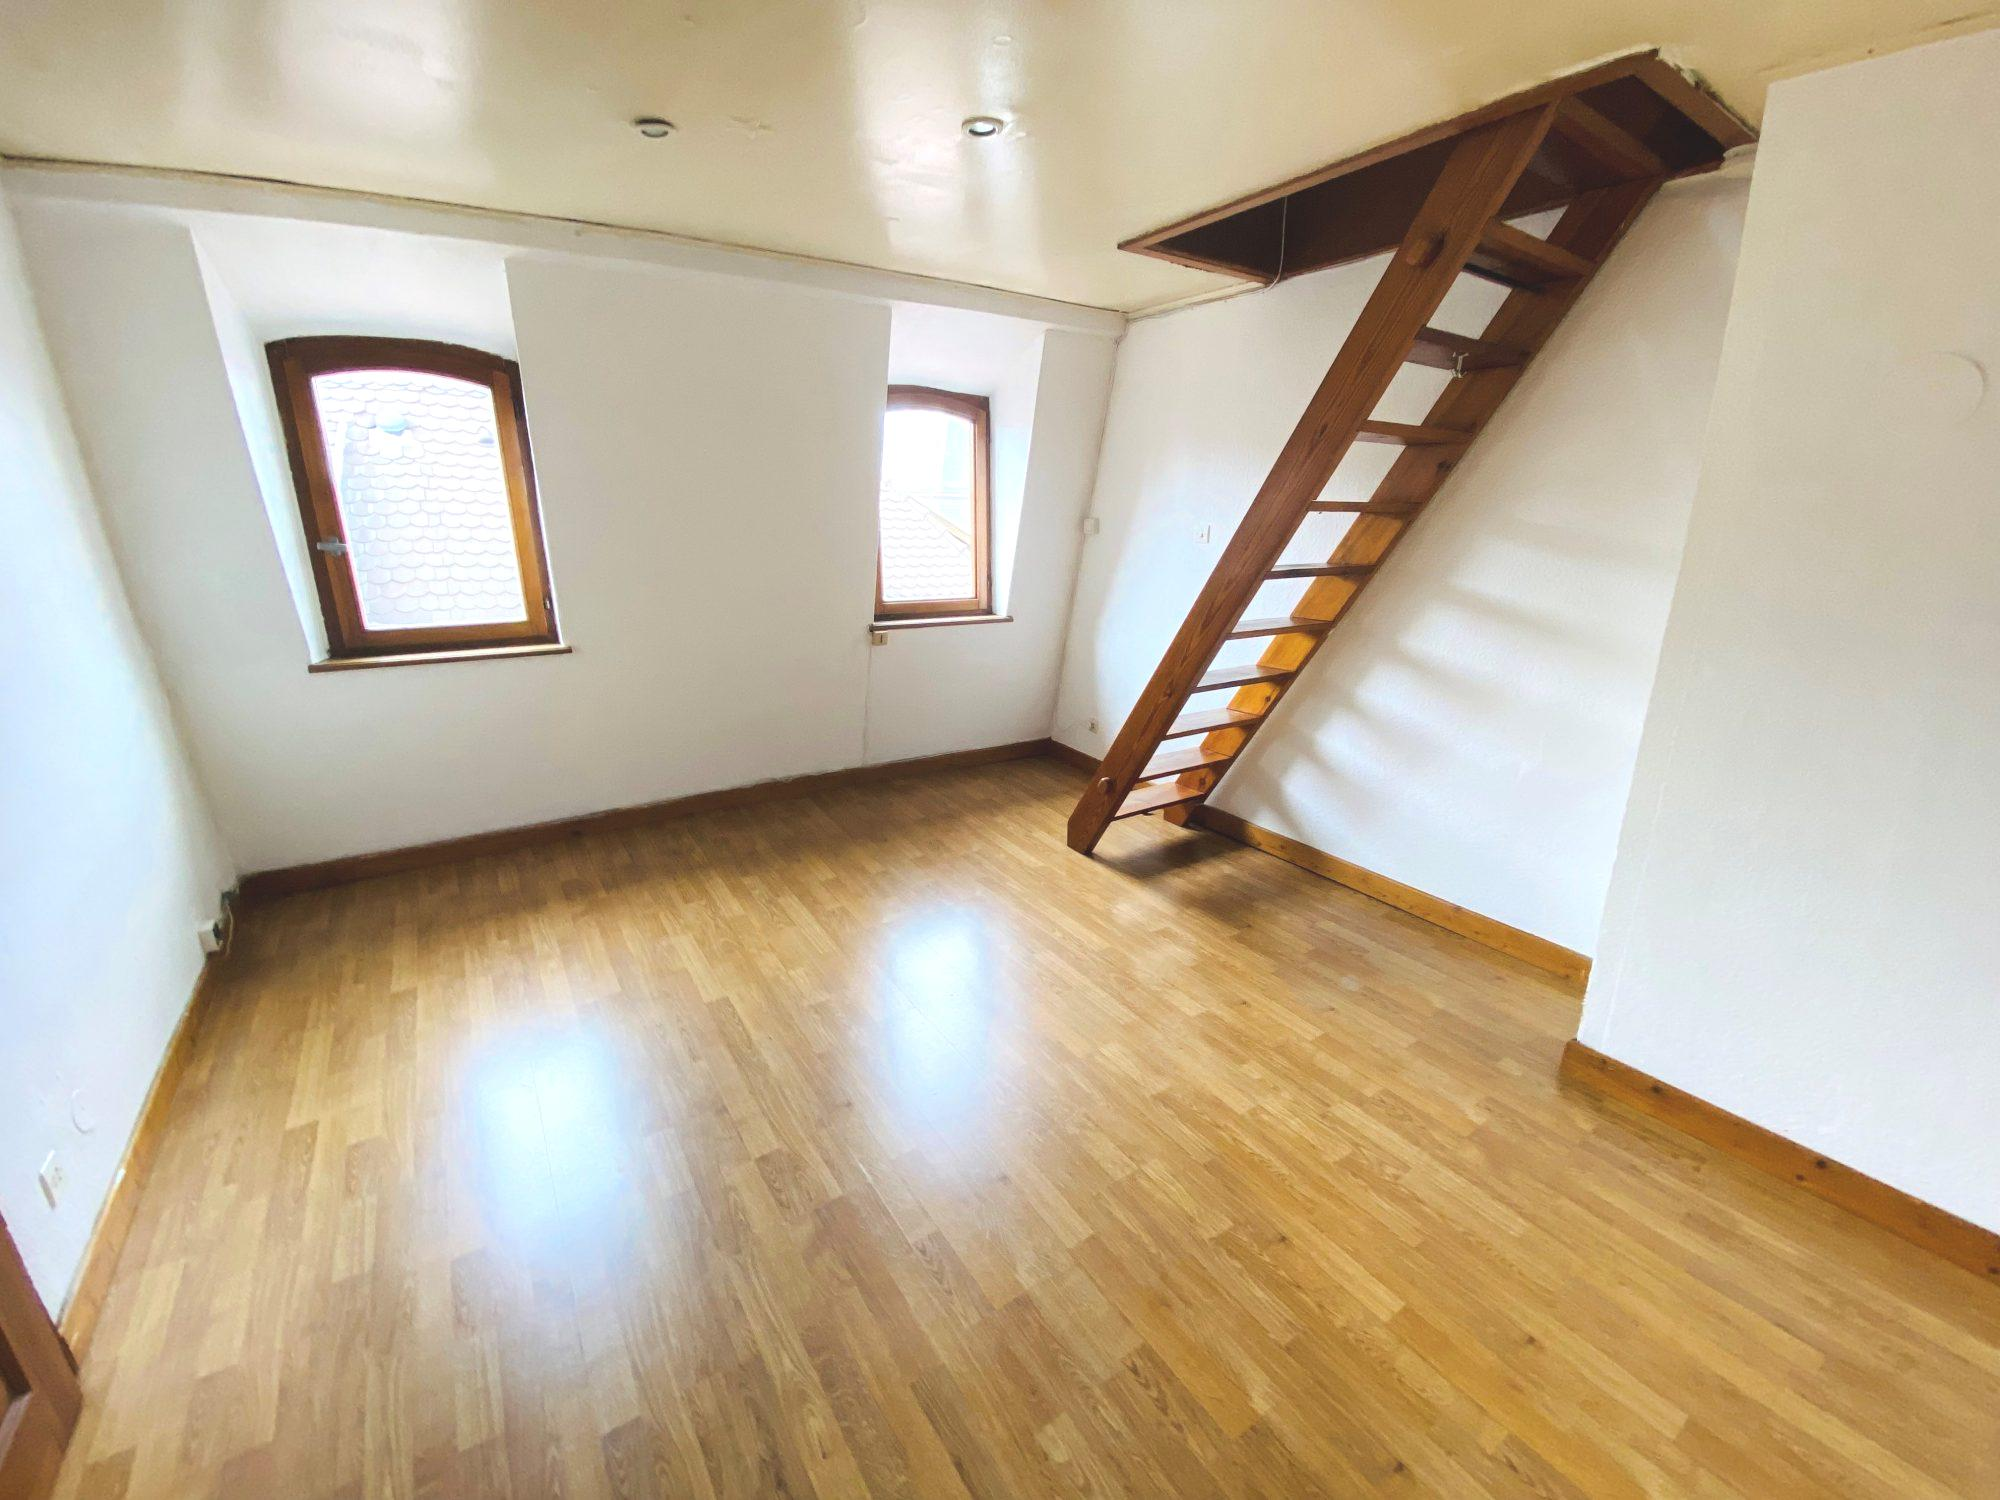 HYPERCENTRE - Duplex aux combles - 20m² hab/60m² au sol